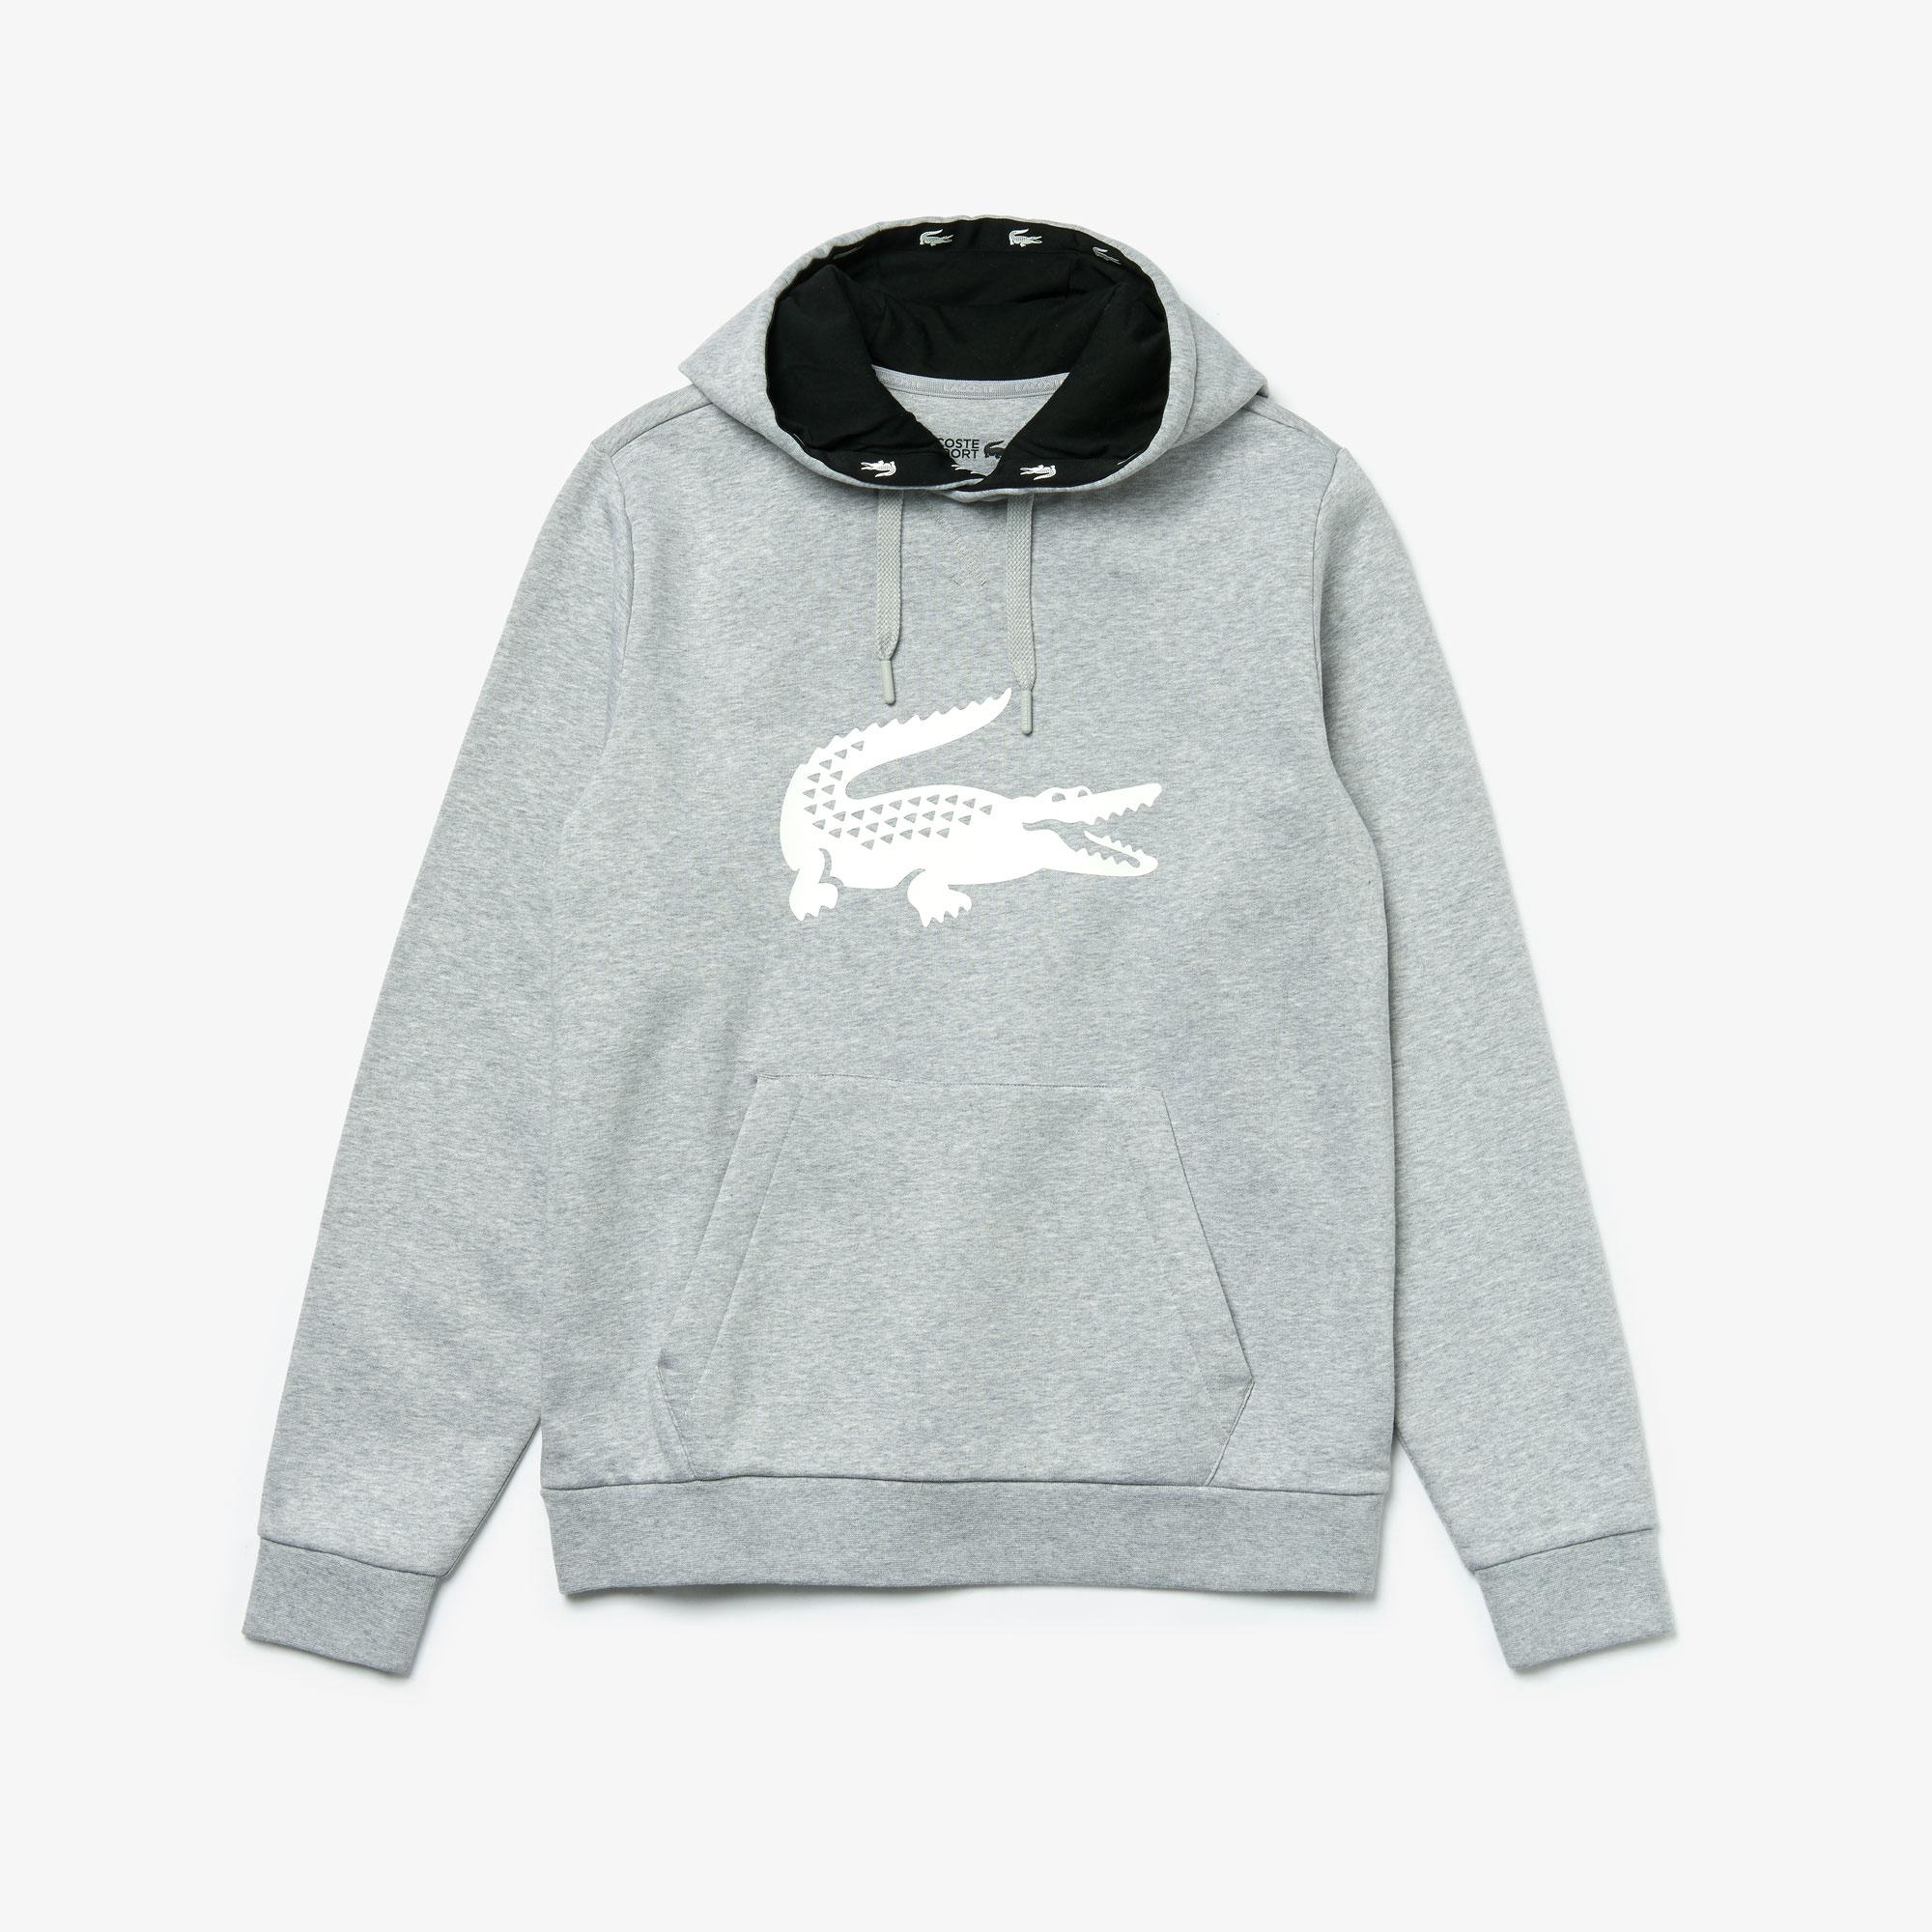 Lacoste Men's Sport Crocodile Print Hoody Sweatshirt